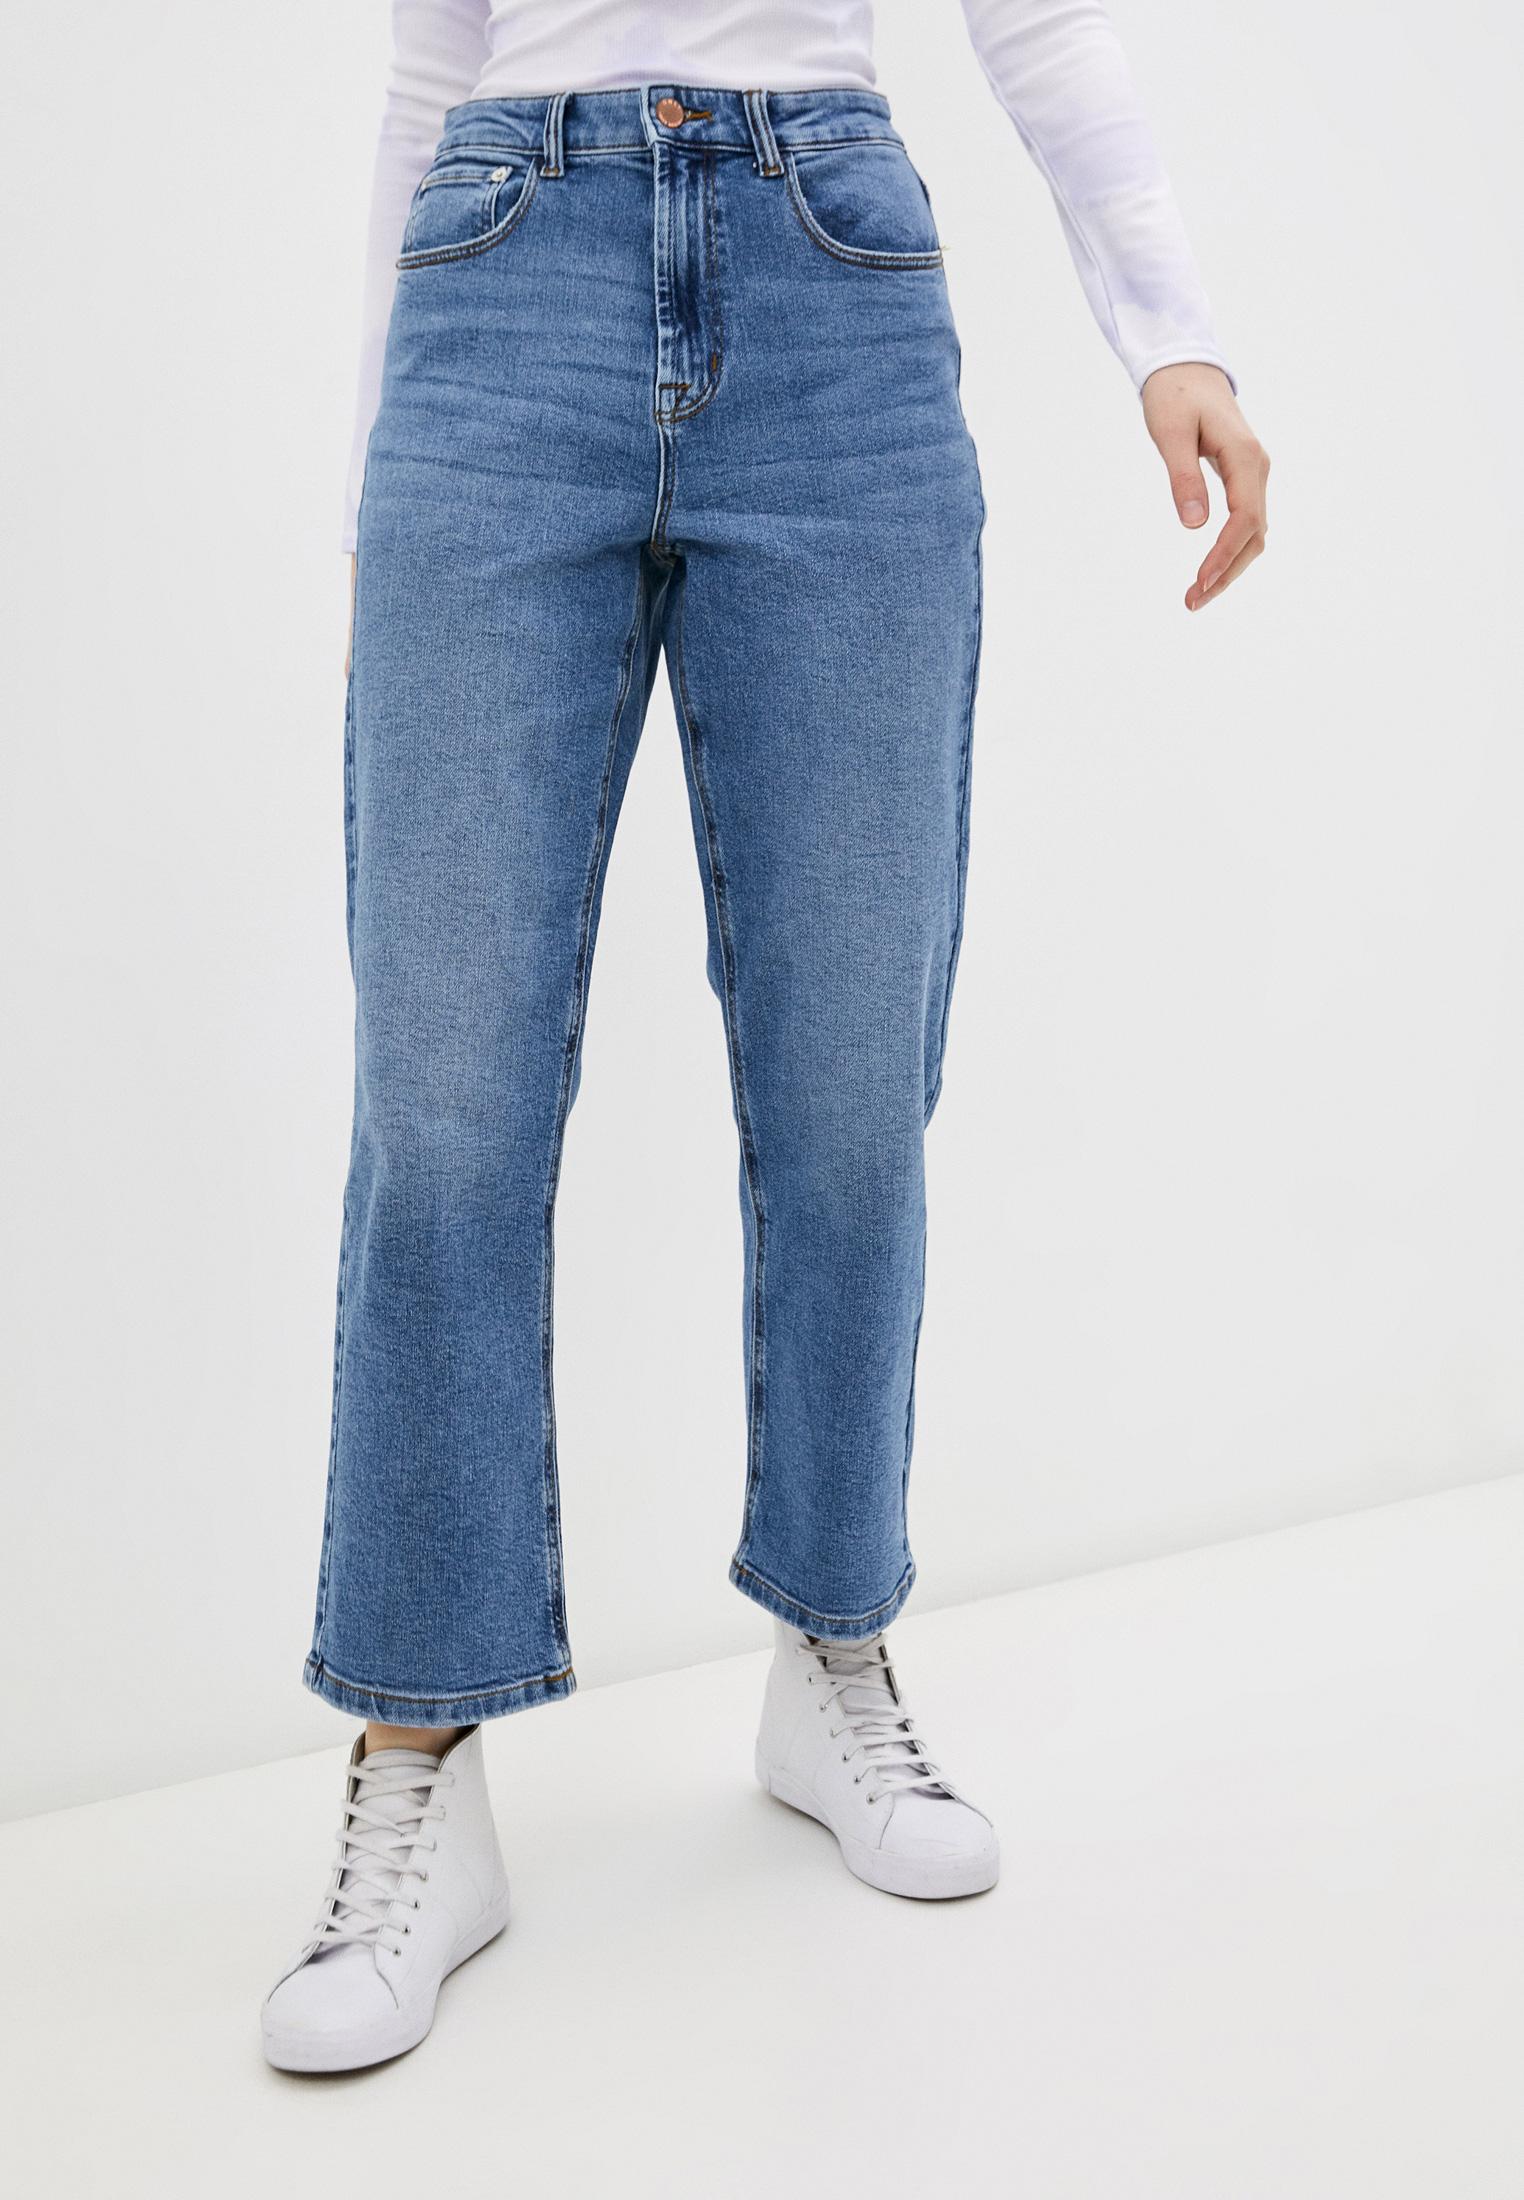 Прямые джинсы Only (Онли) Джинсы Only